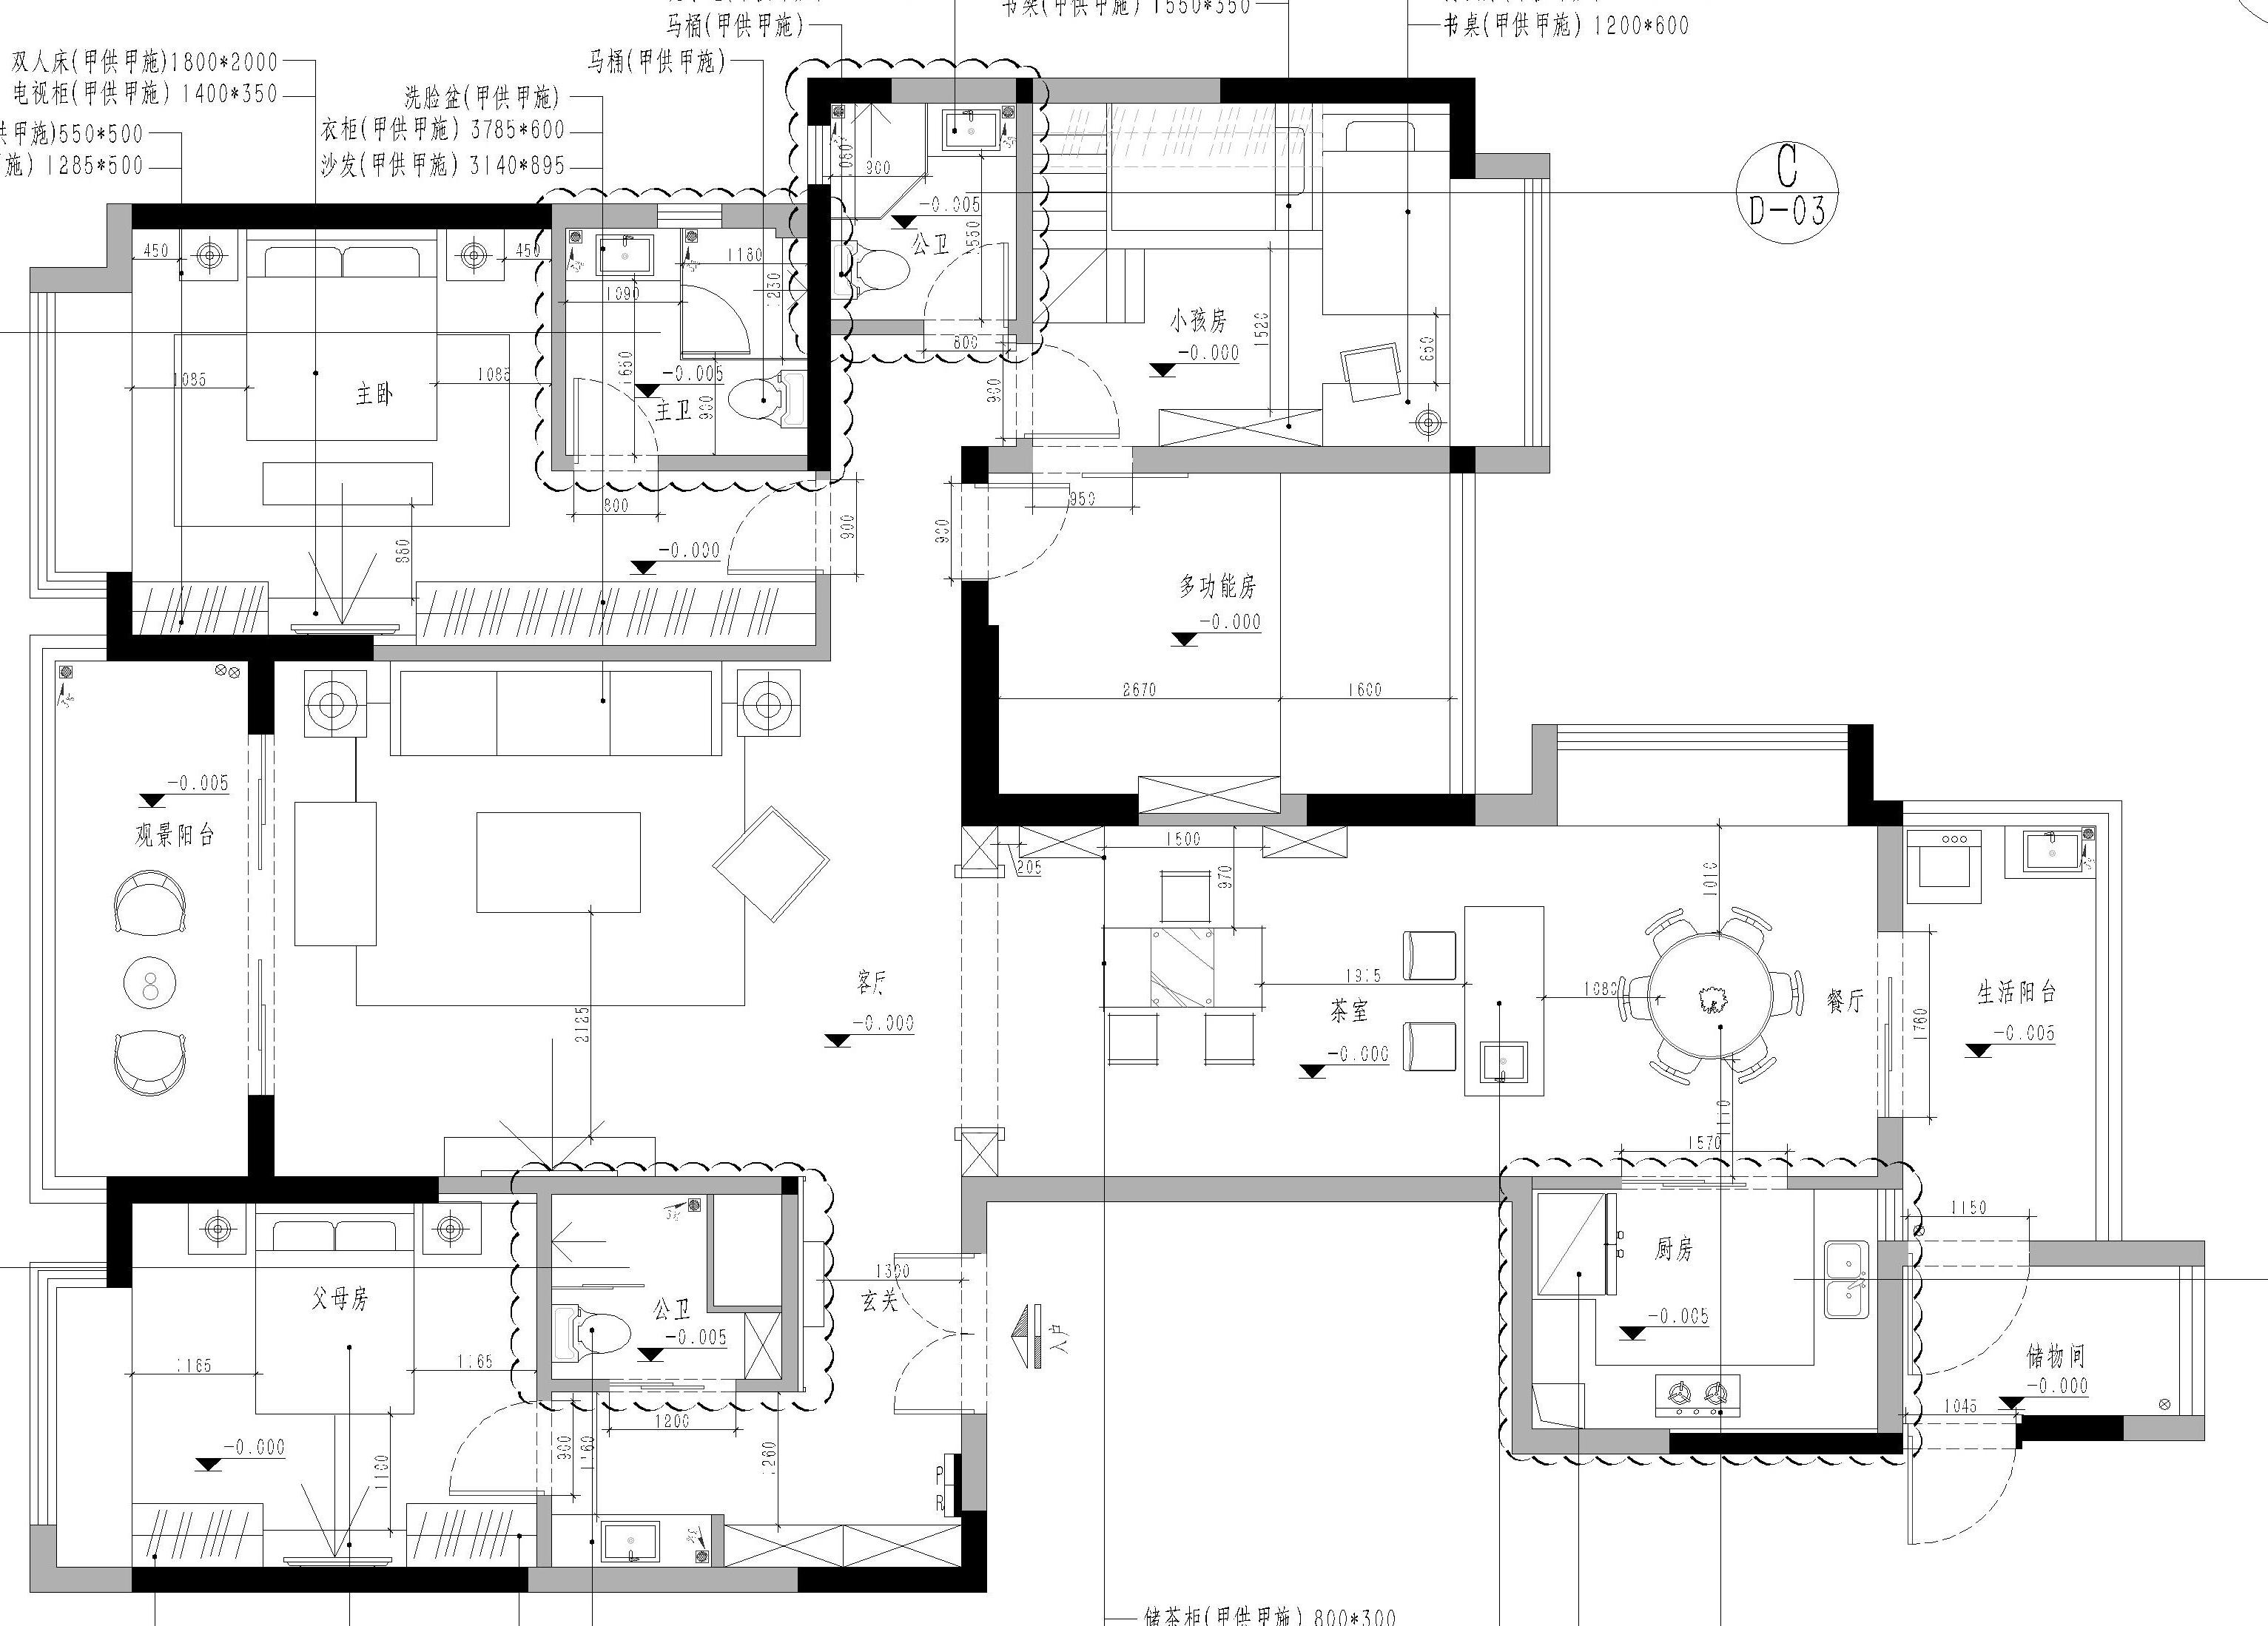 东城天骄御峰-212㎡-简欧风格-四房二厅 装修效果图装修设计理念